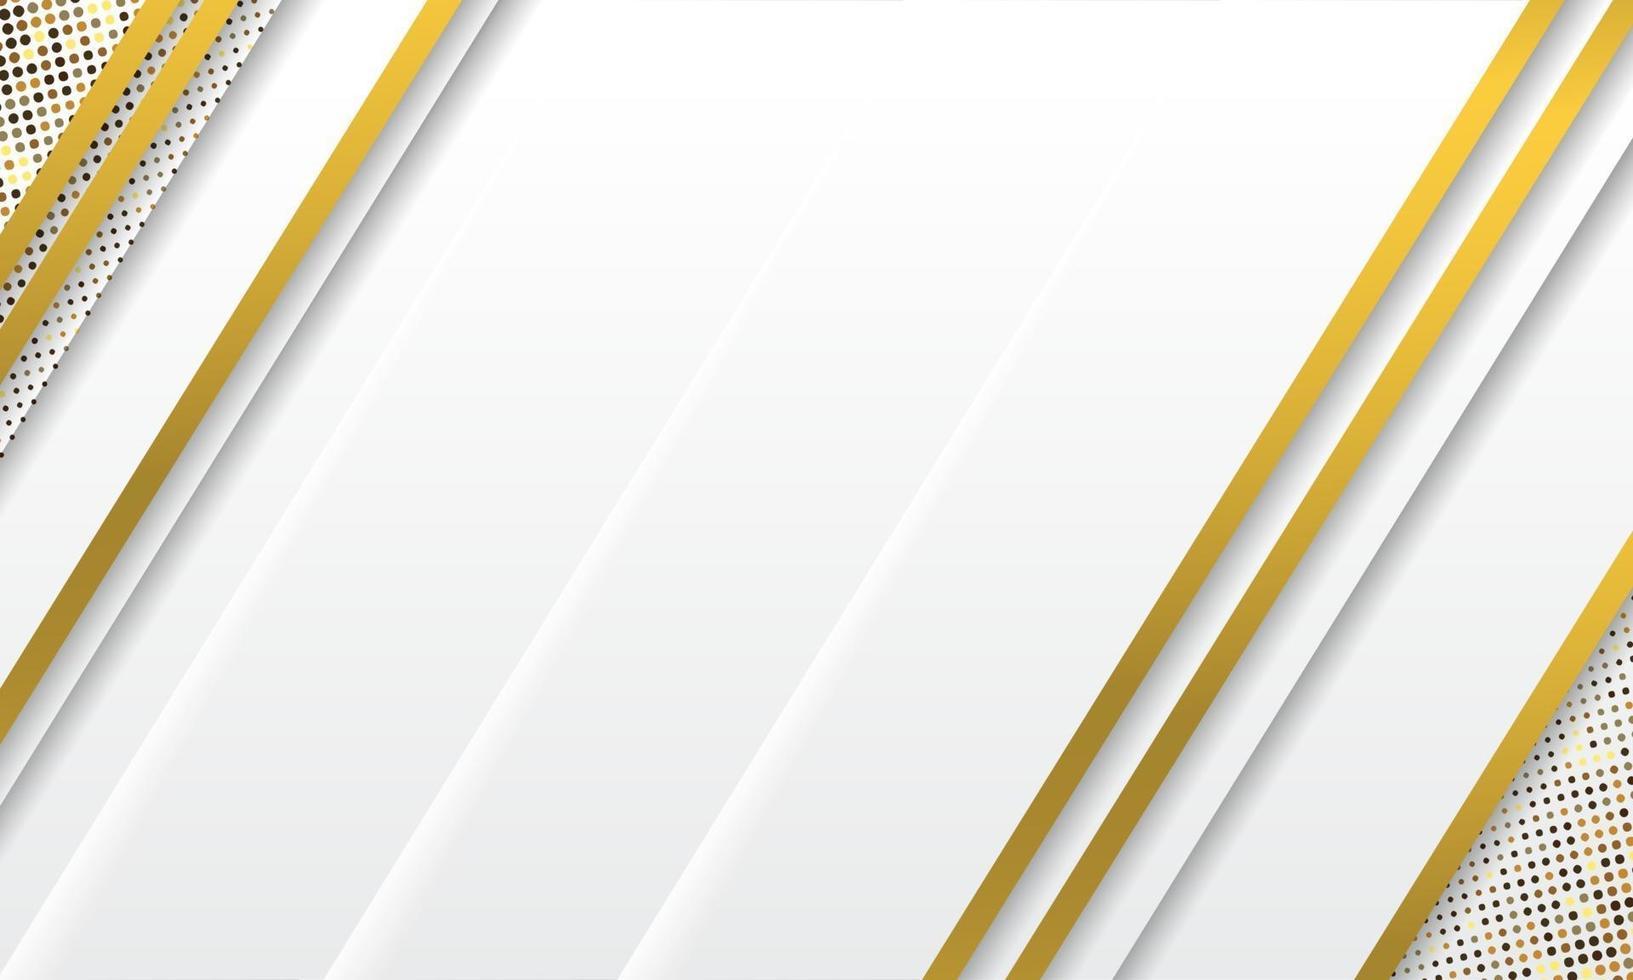 abstracte witte achtergrond vector. elegante conceptontwerp vector. textuur met zilveren glitters stippen elementdecoratie. vector